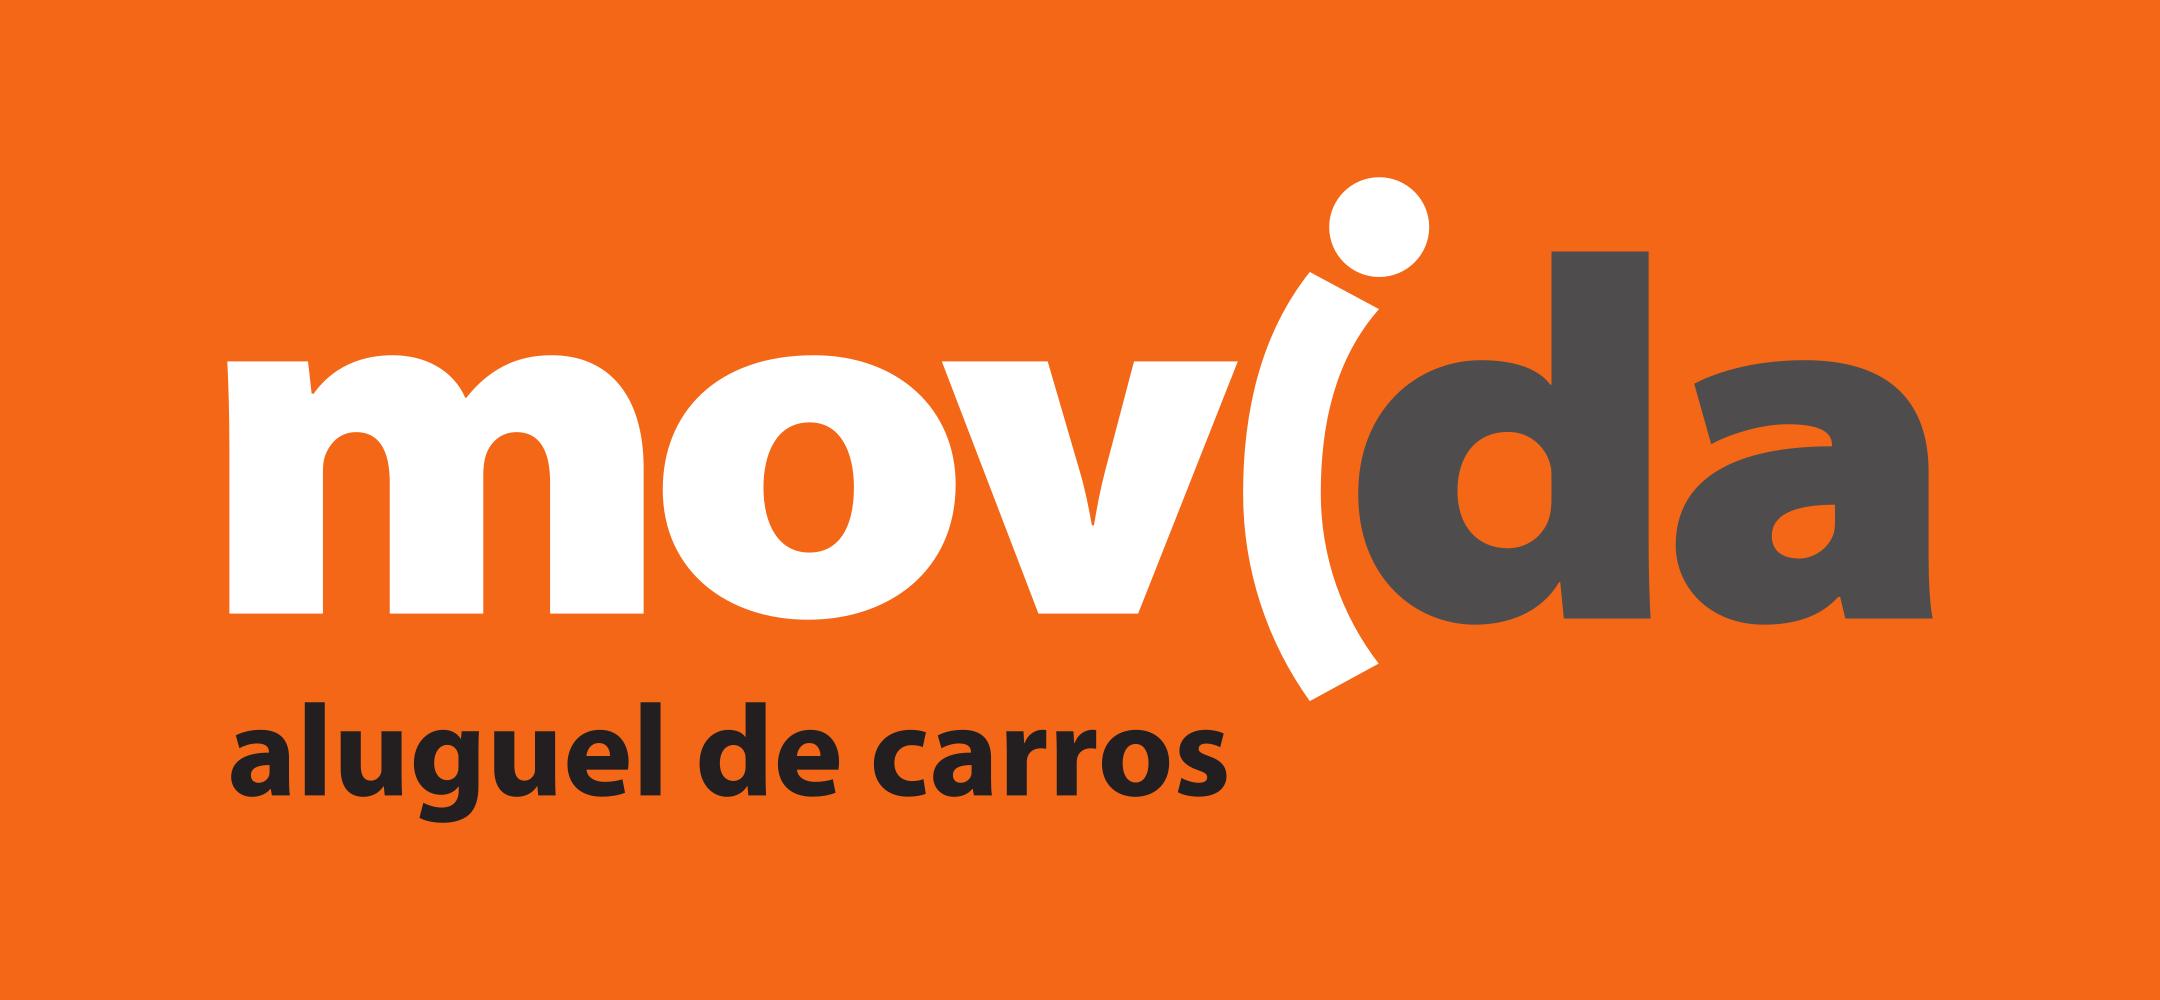 movida logo 1 - Movida Logo